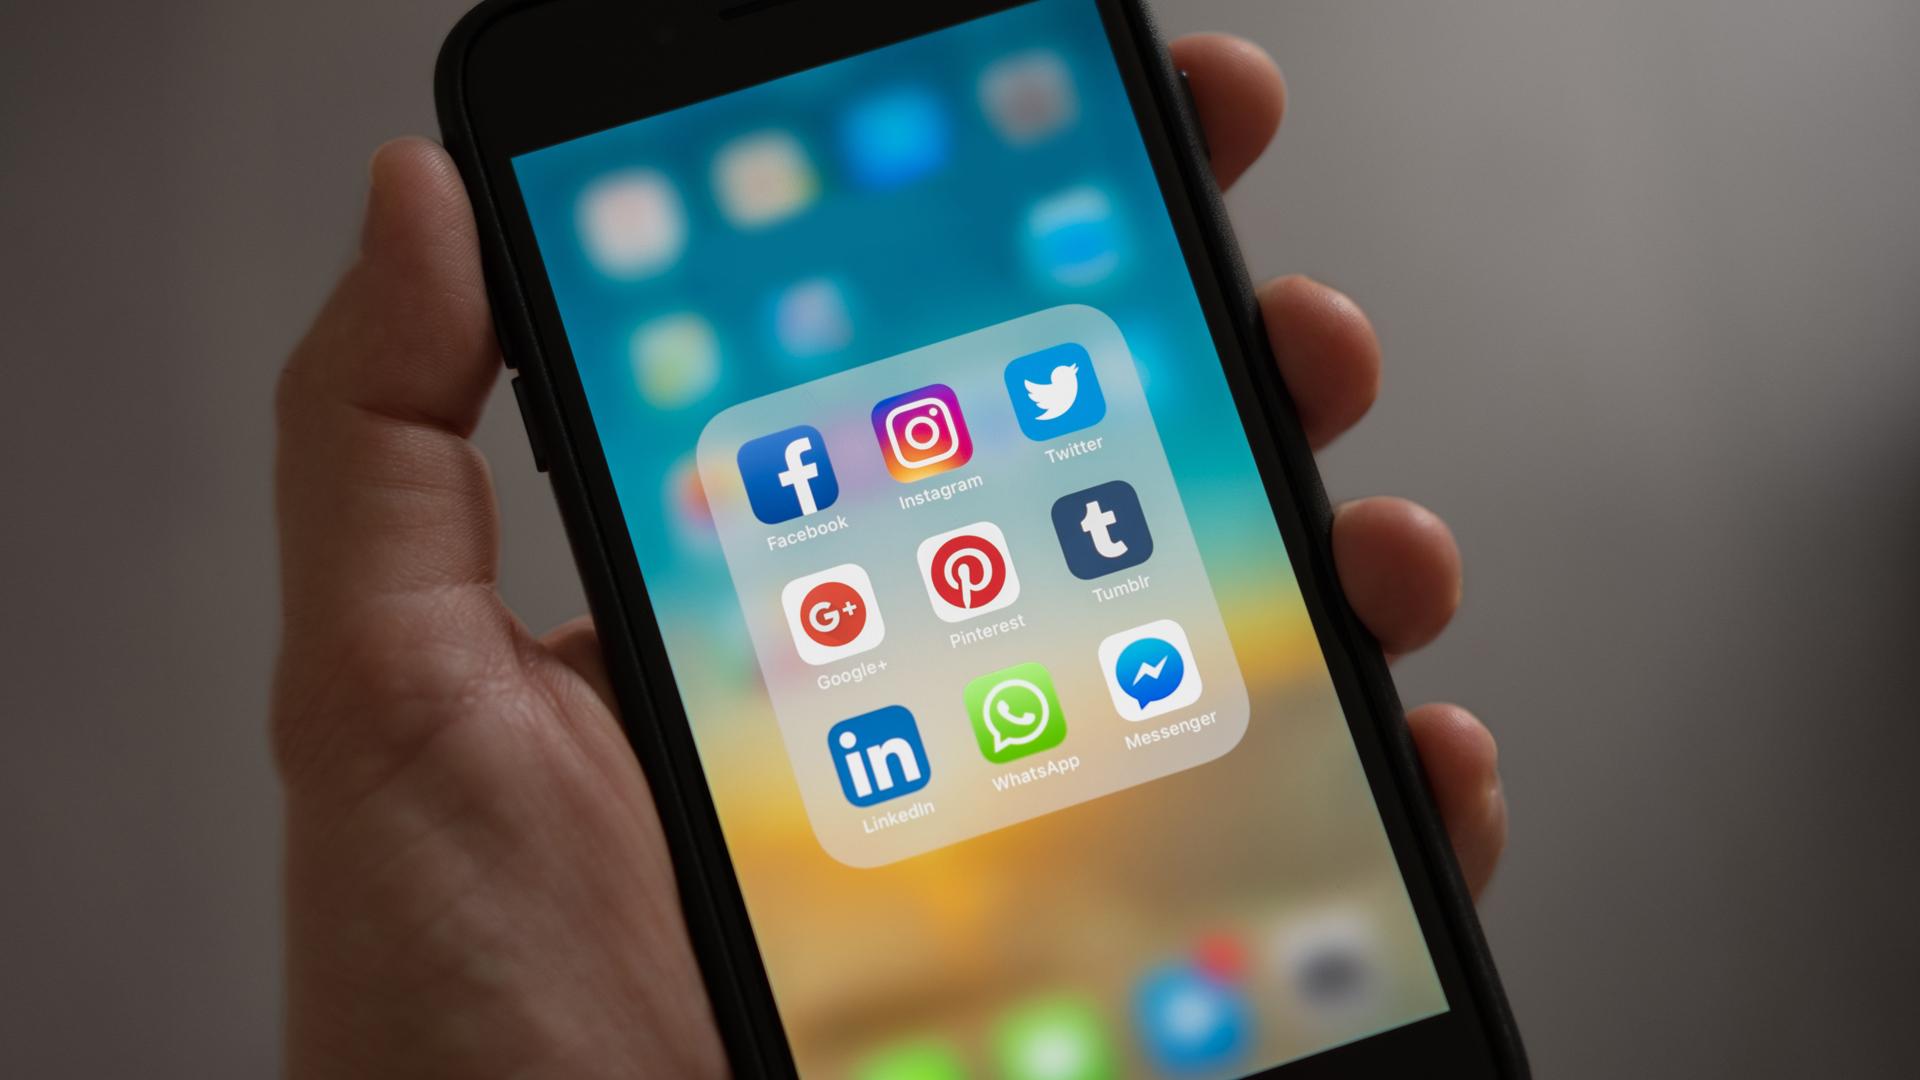 Cómo puedo cuidar lo que comparto en mis redes sociales